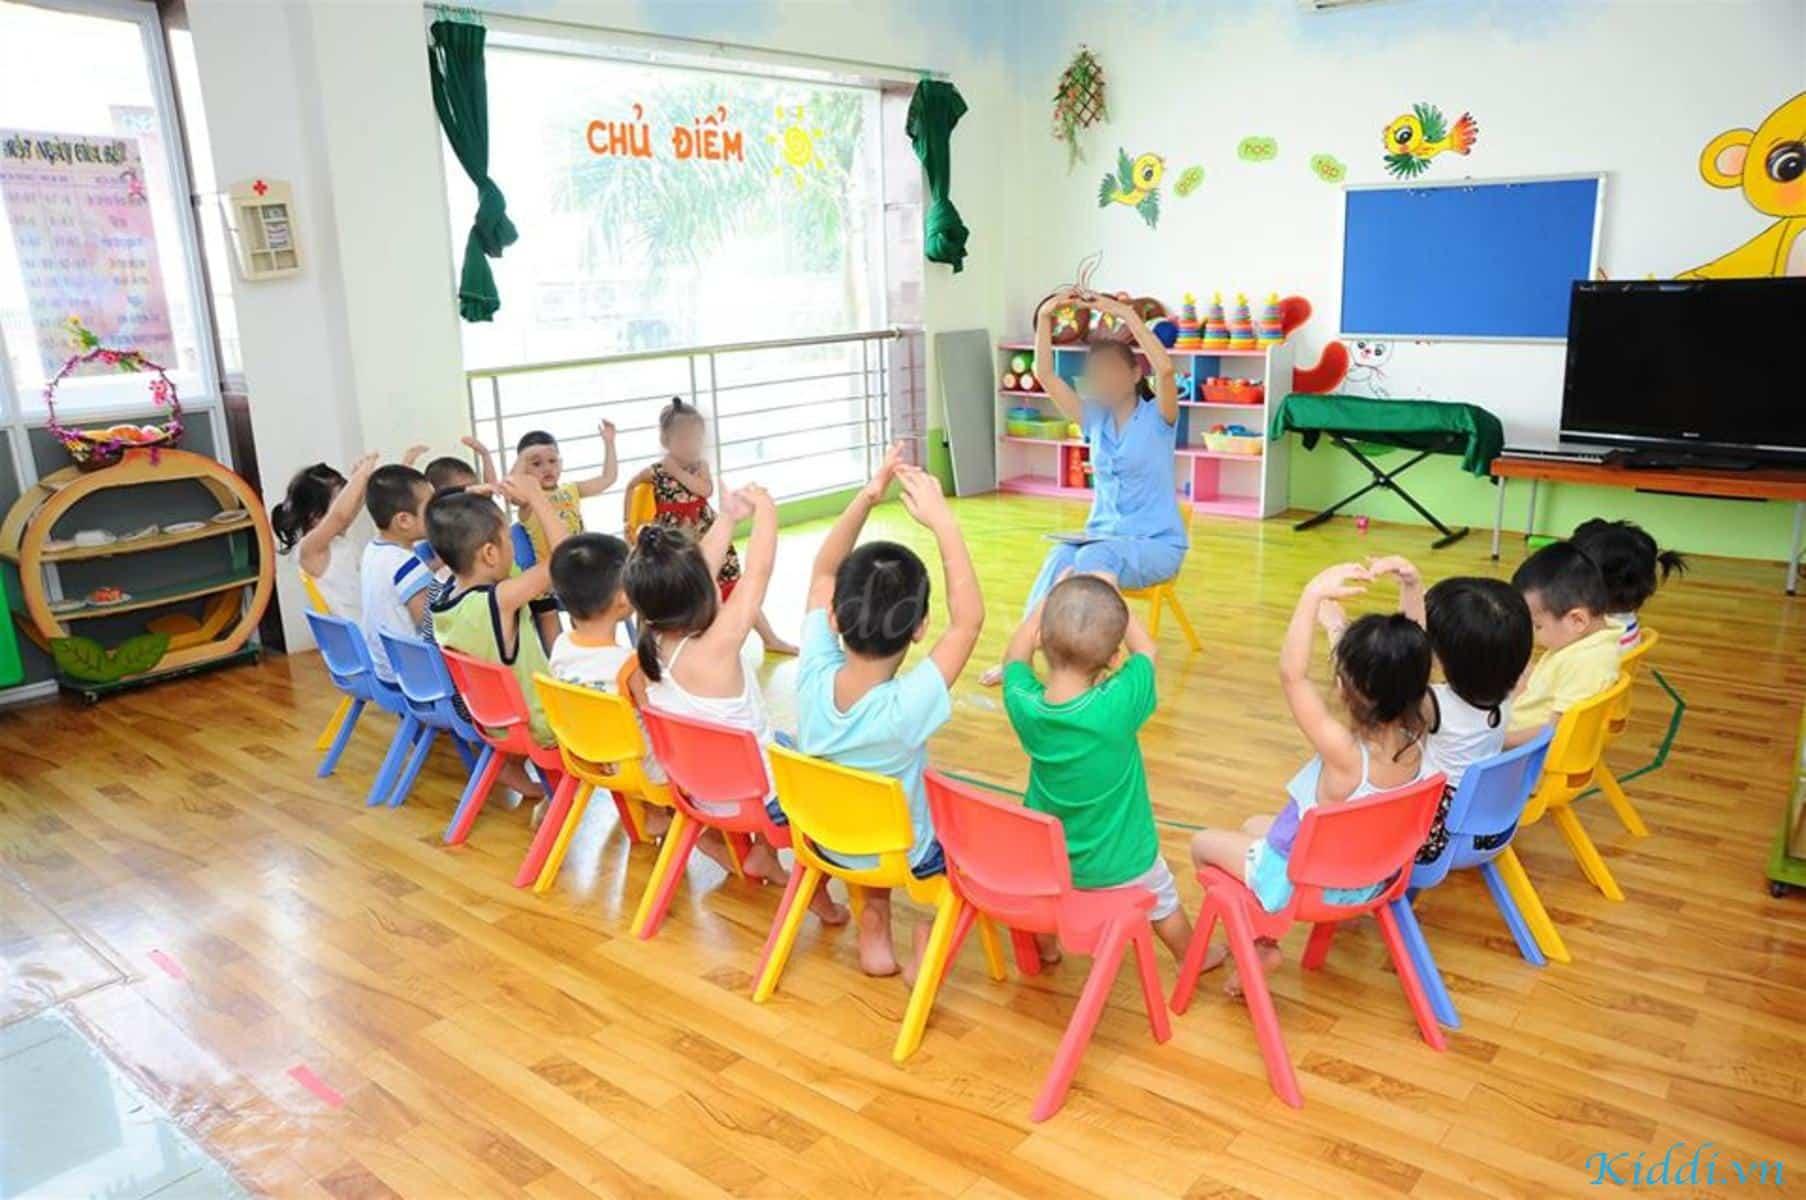 Bất cập giáo dục mầm non: Đâu là giải pháp? | Báo Dân tộc và Phát triển